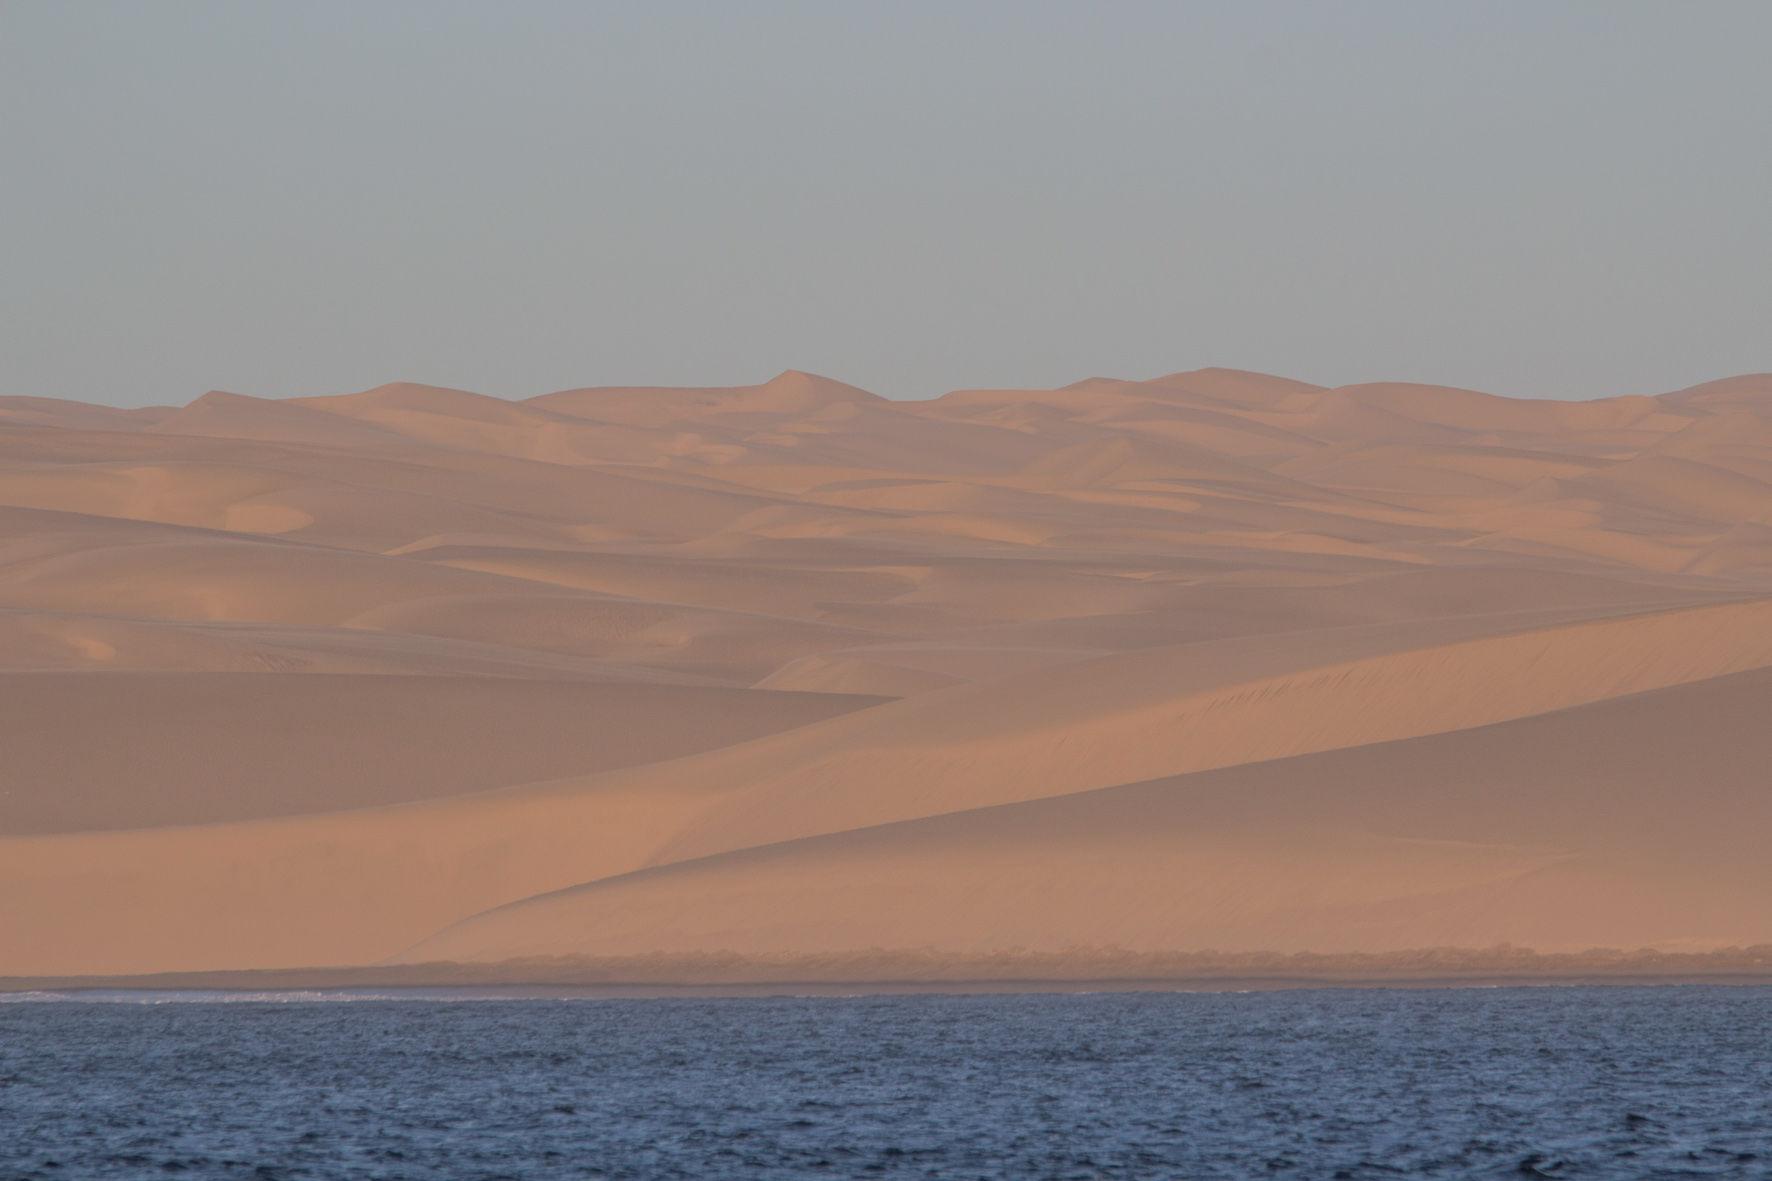 Au mouillage de Hottentot Bay en Namibie, avec les incroyables dunes de sable en décor. Vertigineux !